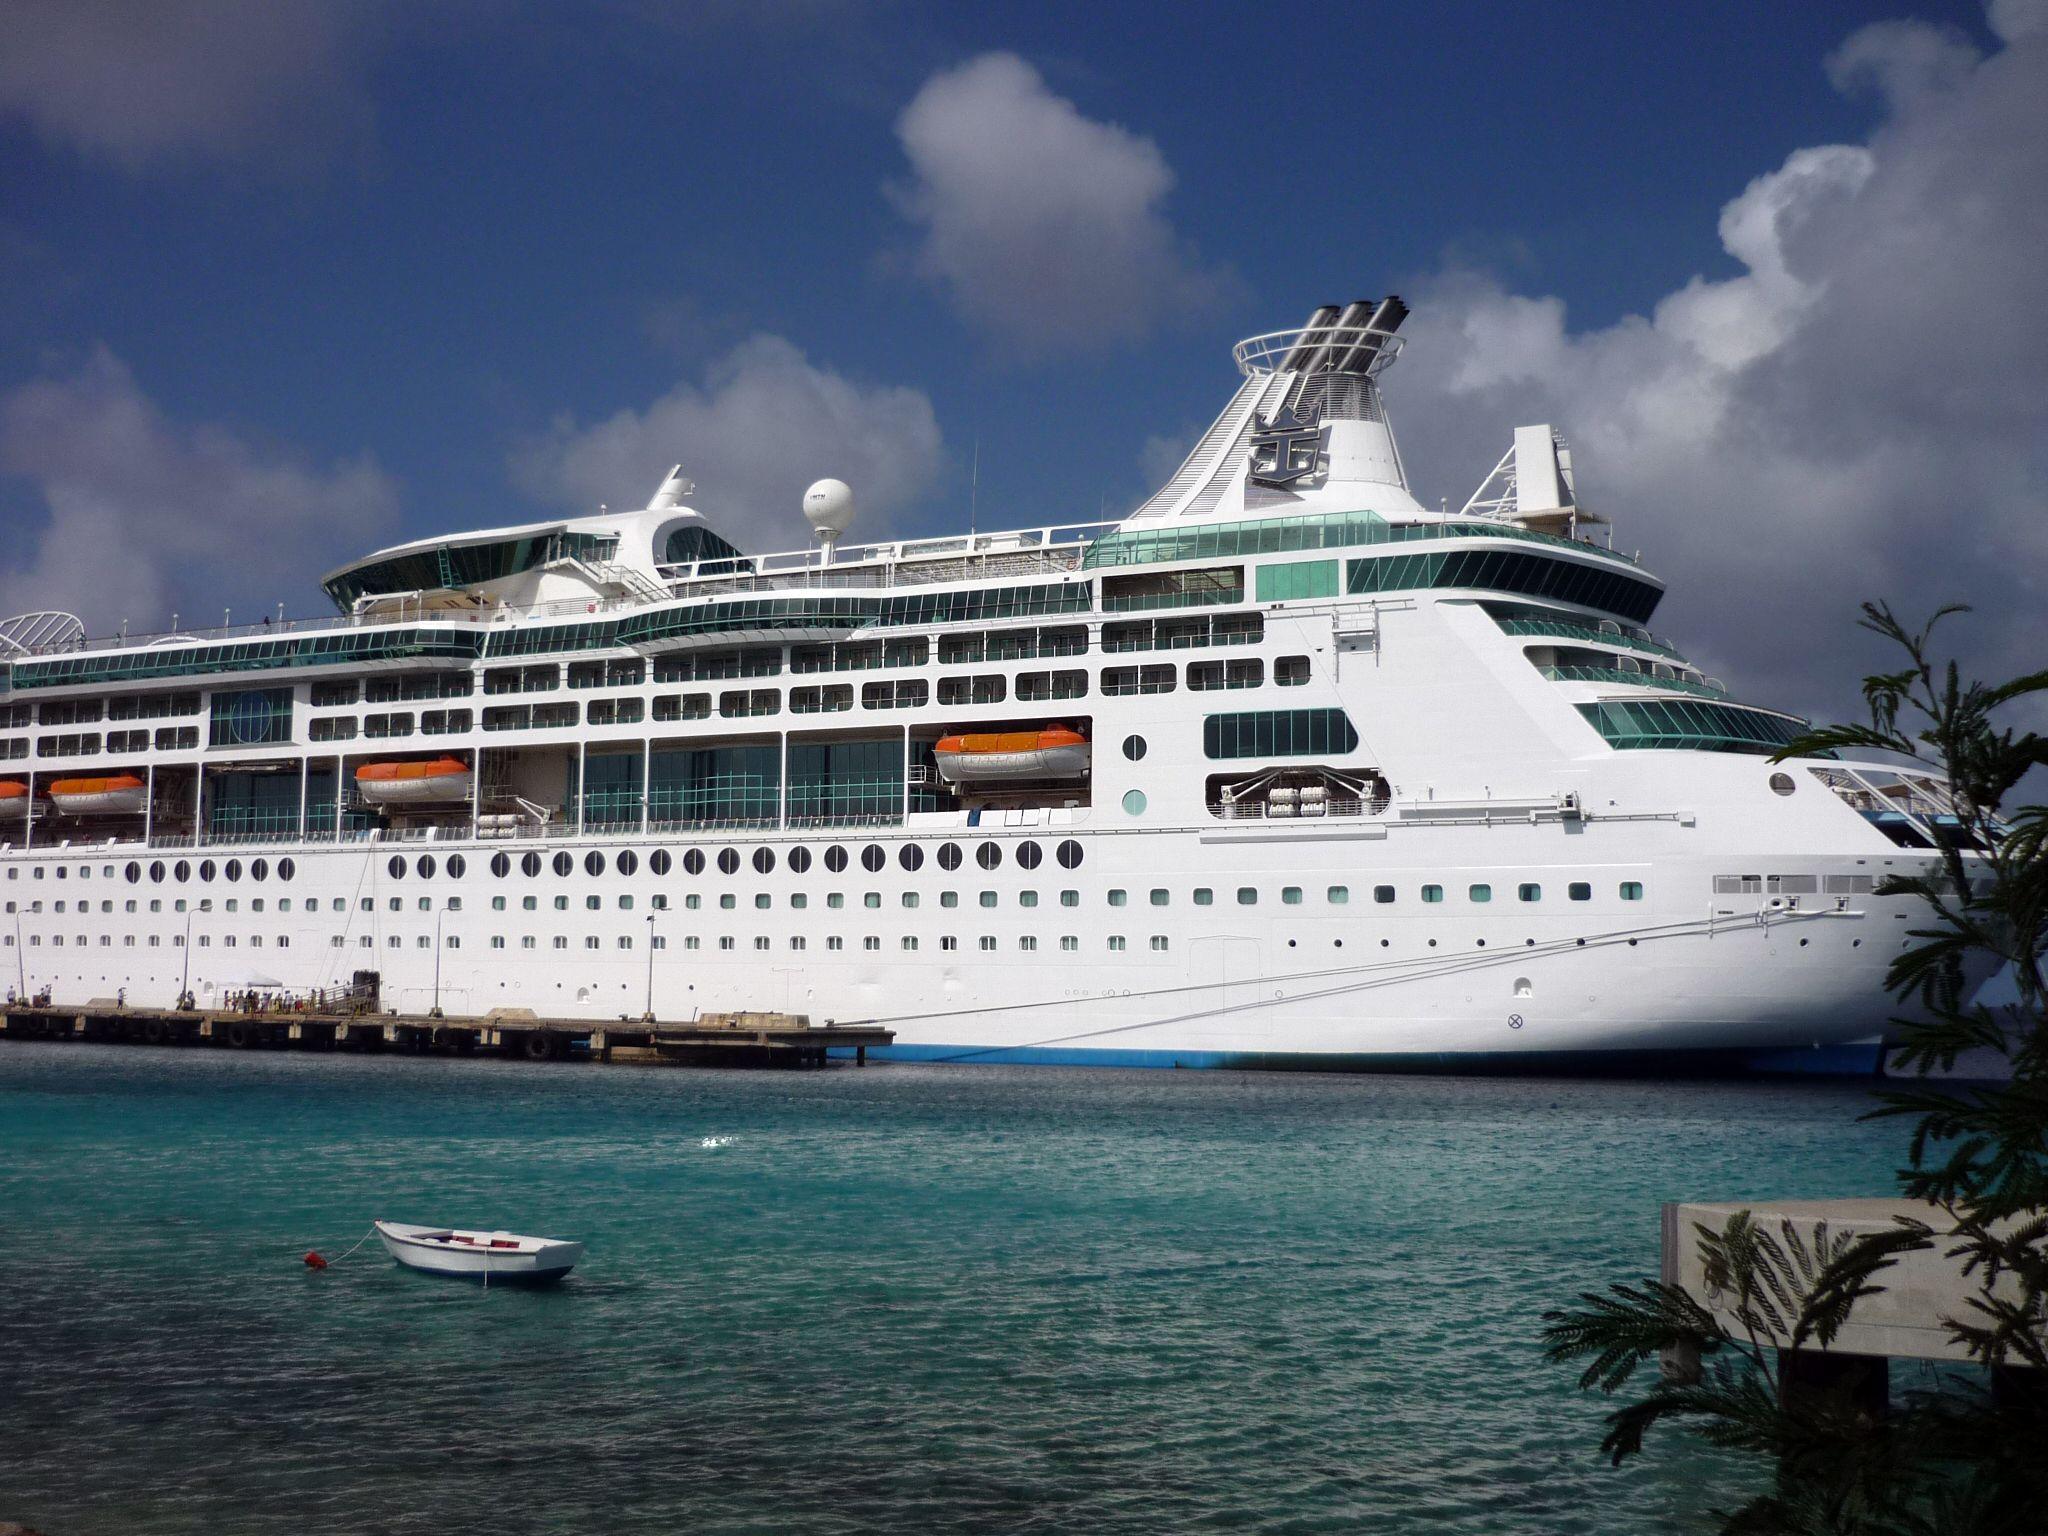 Disfruta de los placeres de la vida en un #crucero por el caribe #viajacongeotours #lamejorexperiencia